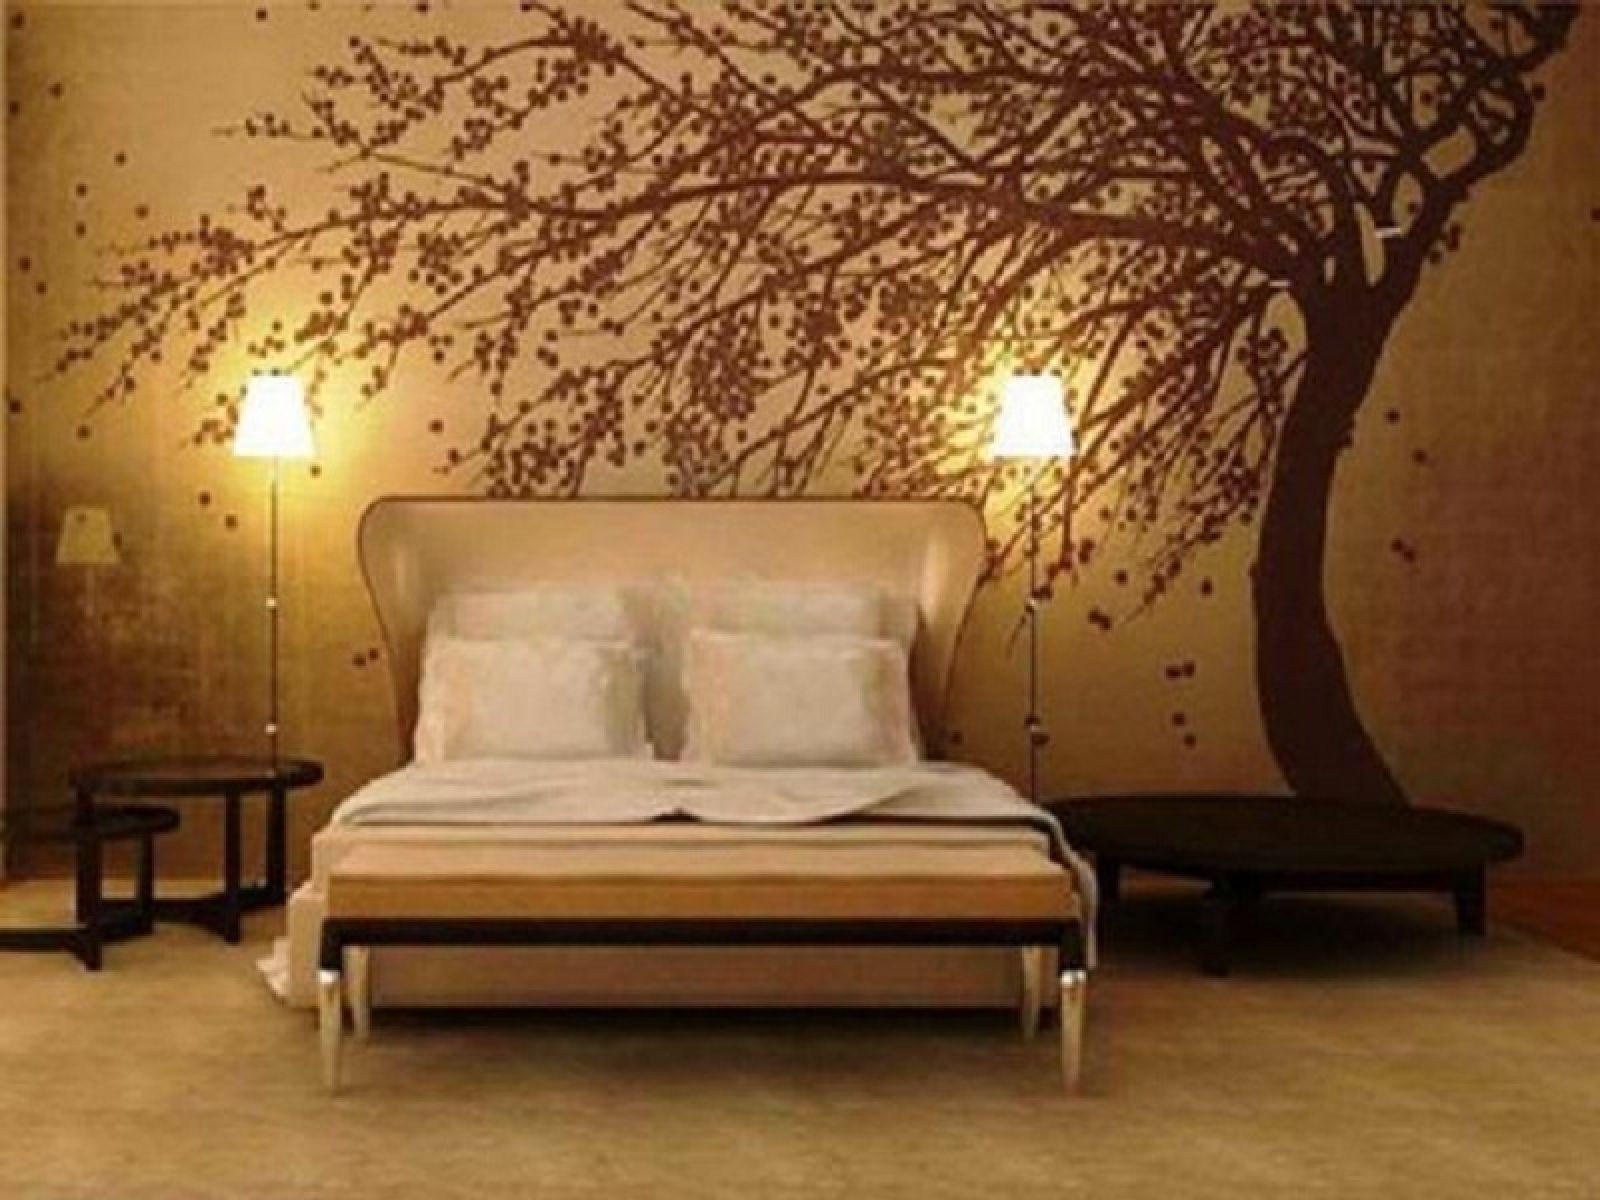 30 Best Wallpaper Designs for Bedrooms UK 2015 #bedroomwallapers #wallpaperdesigns # ...